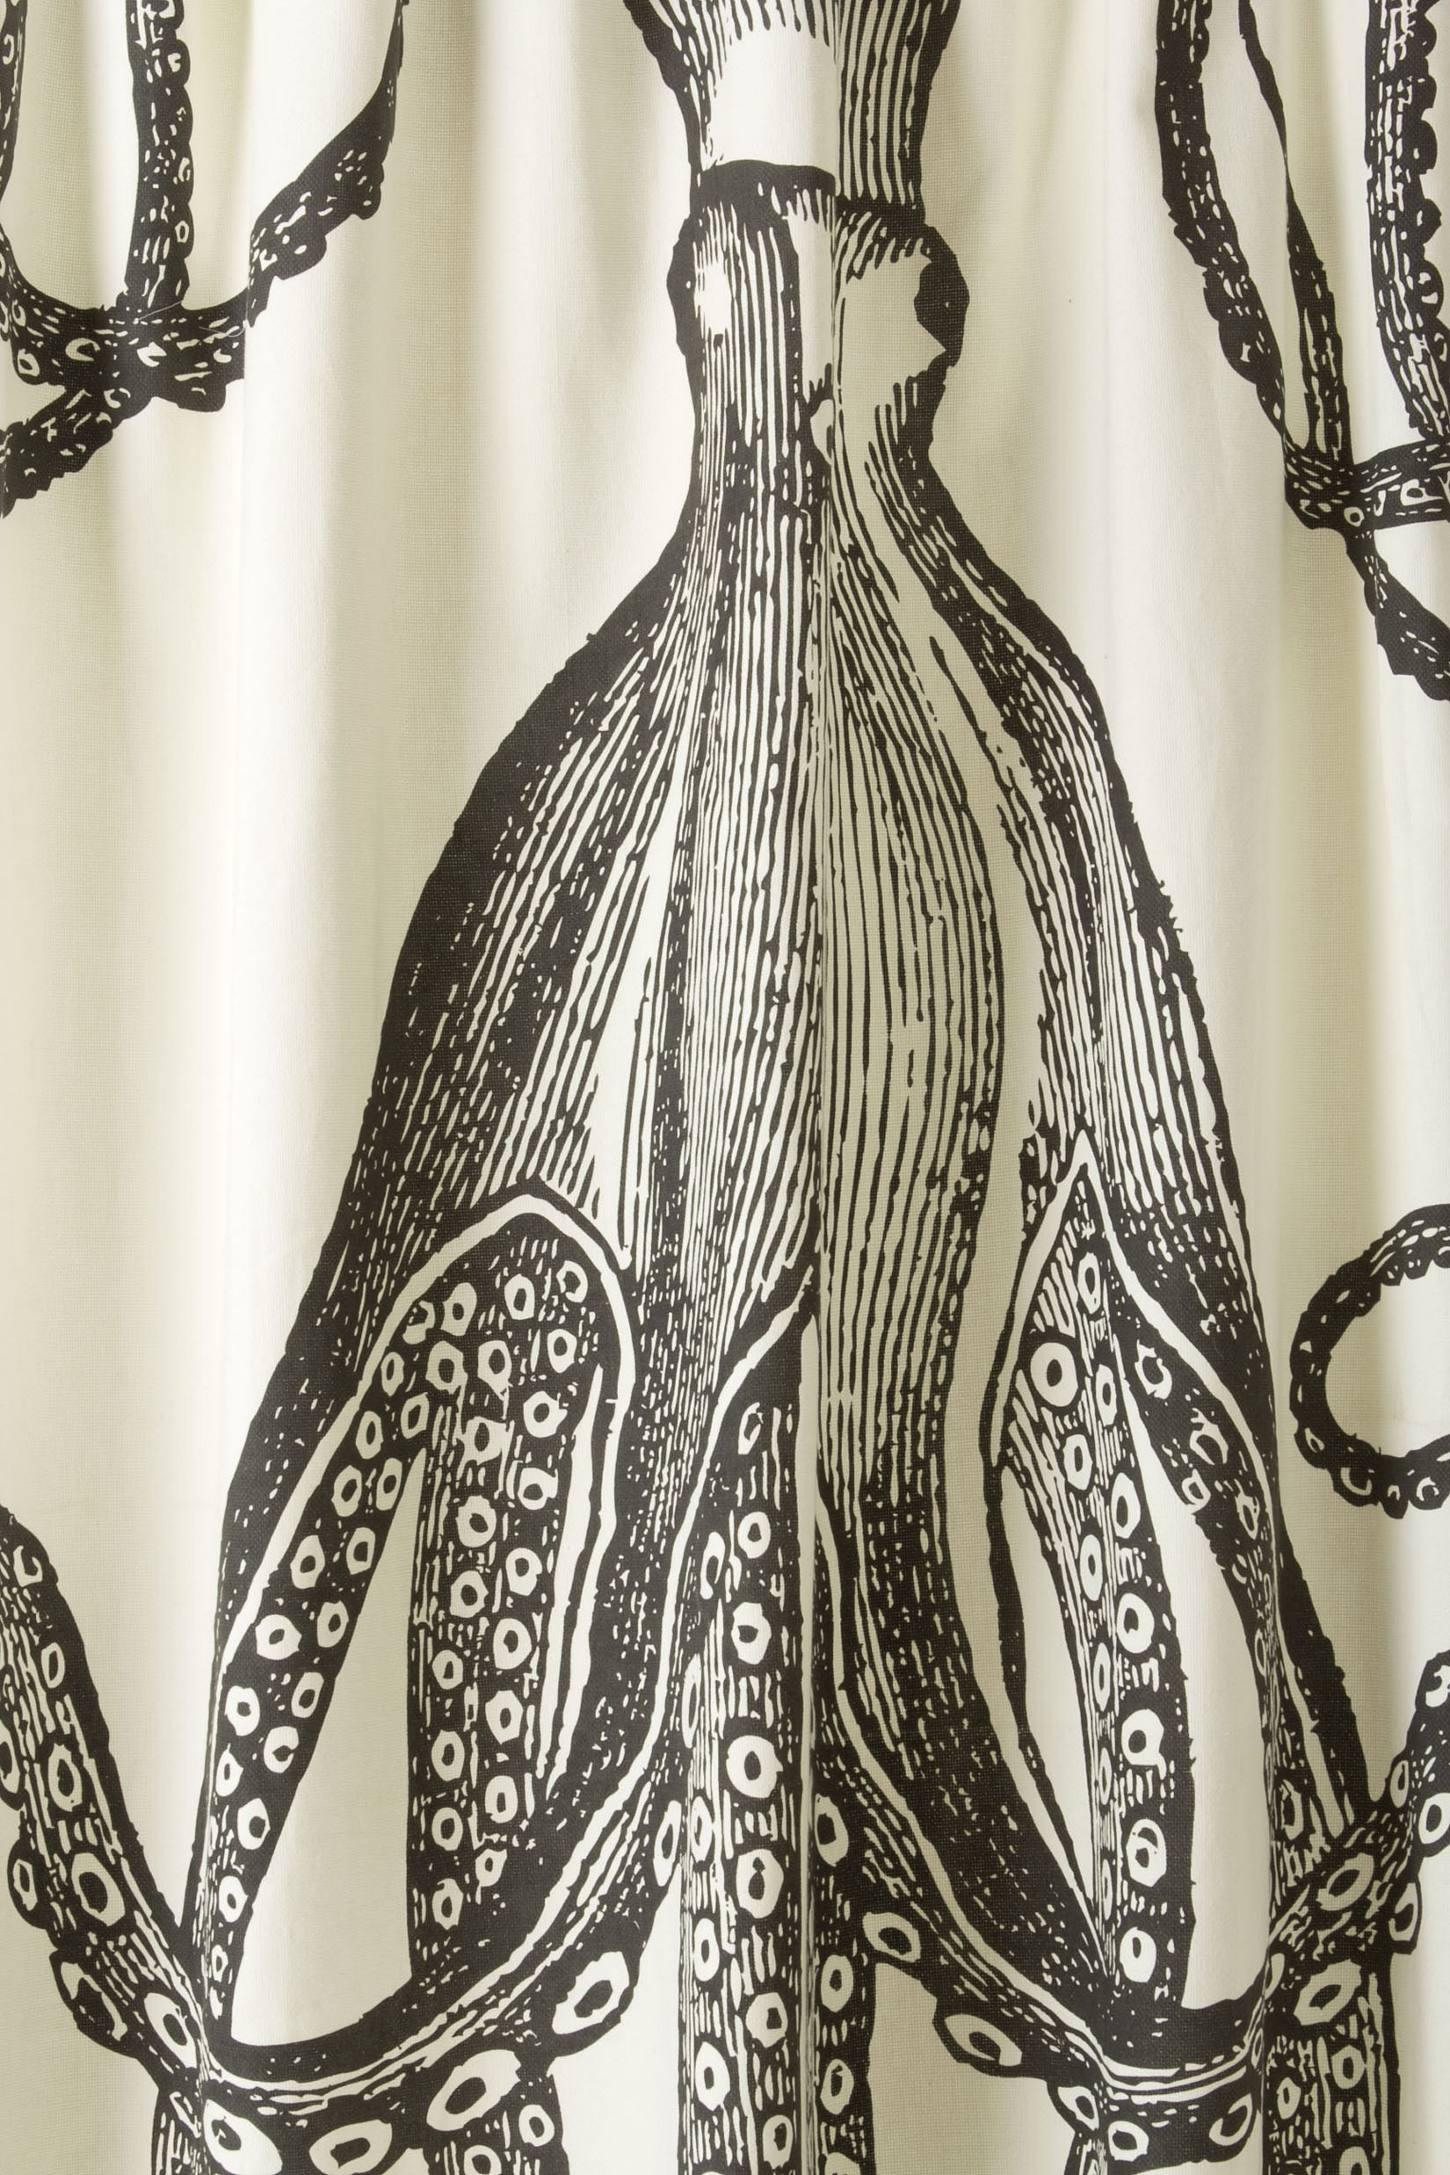 Octopus Garden Shower Curtain Anthropologie